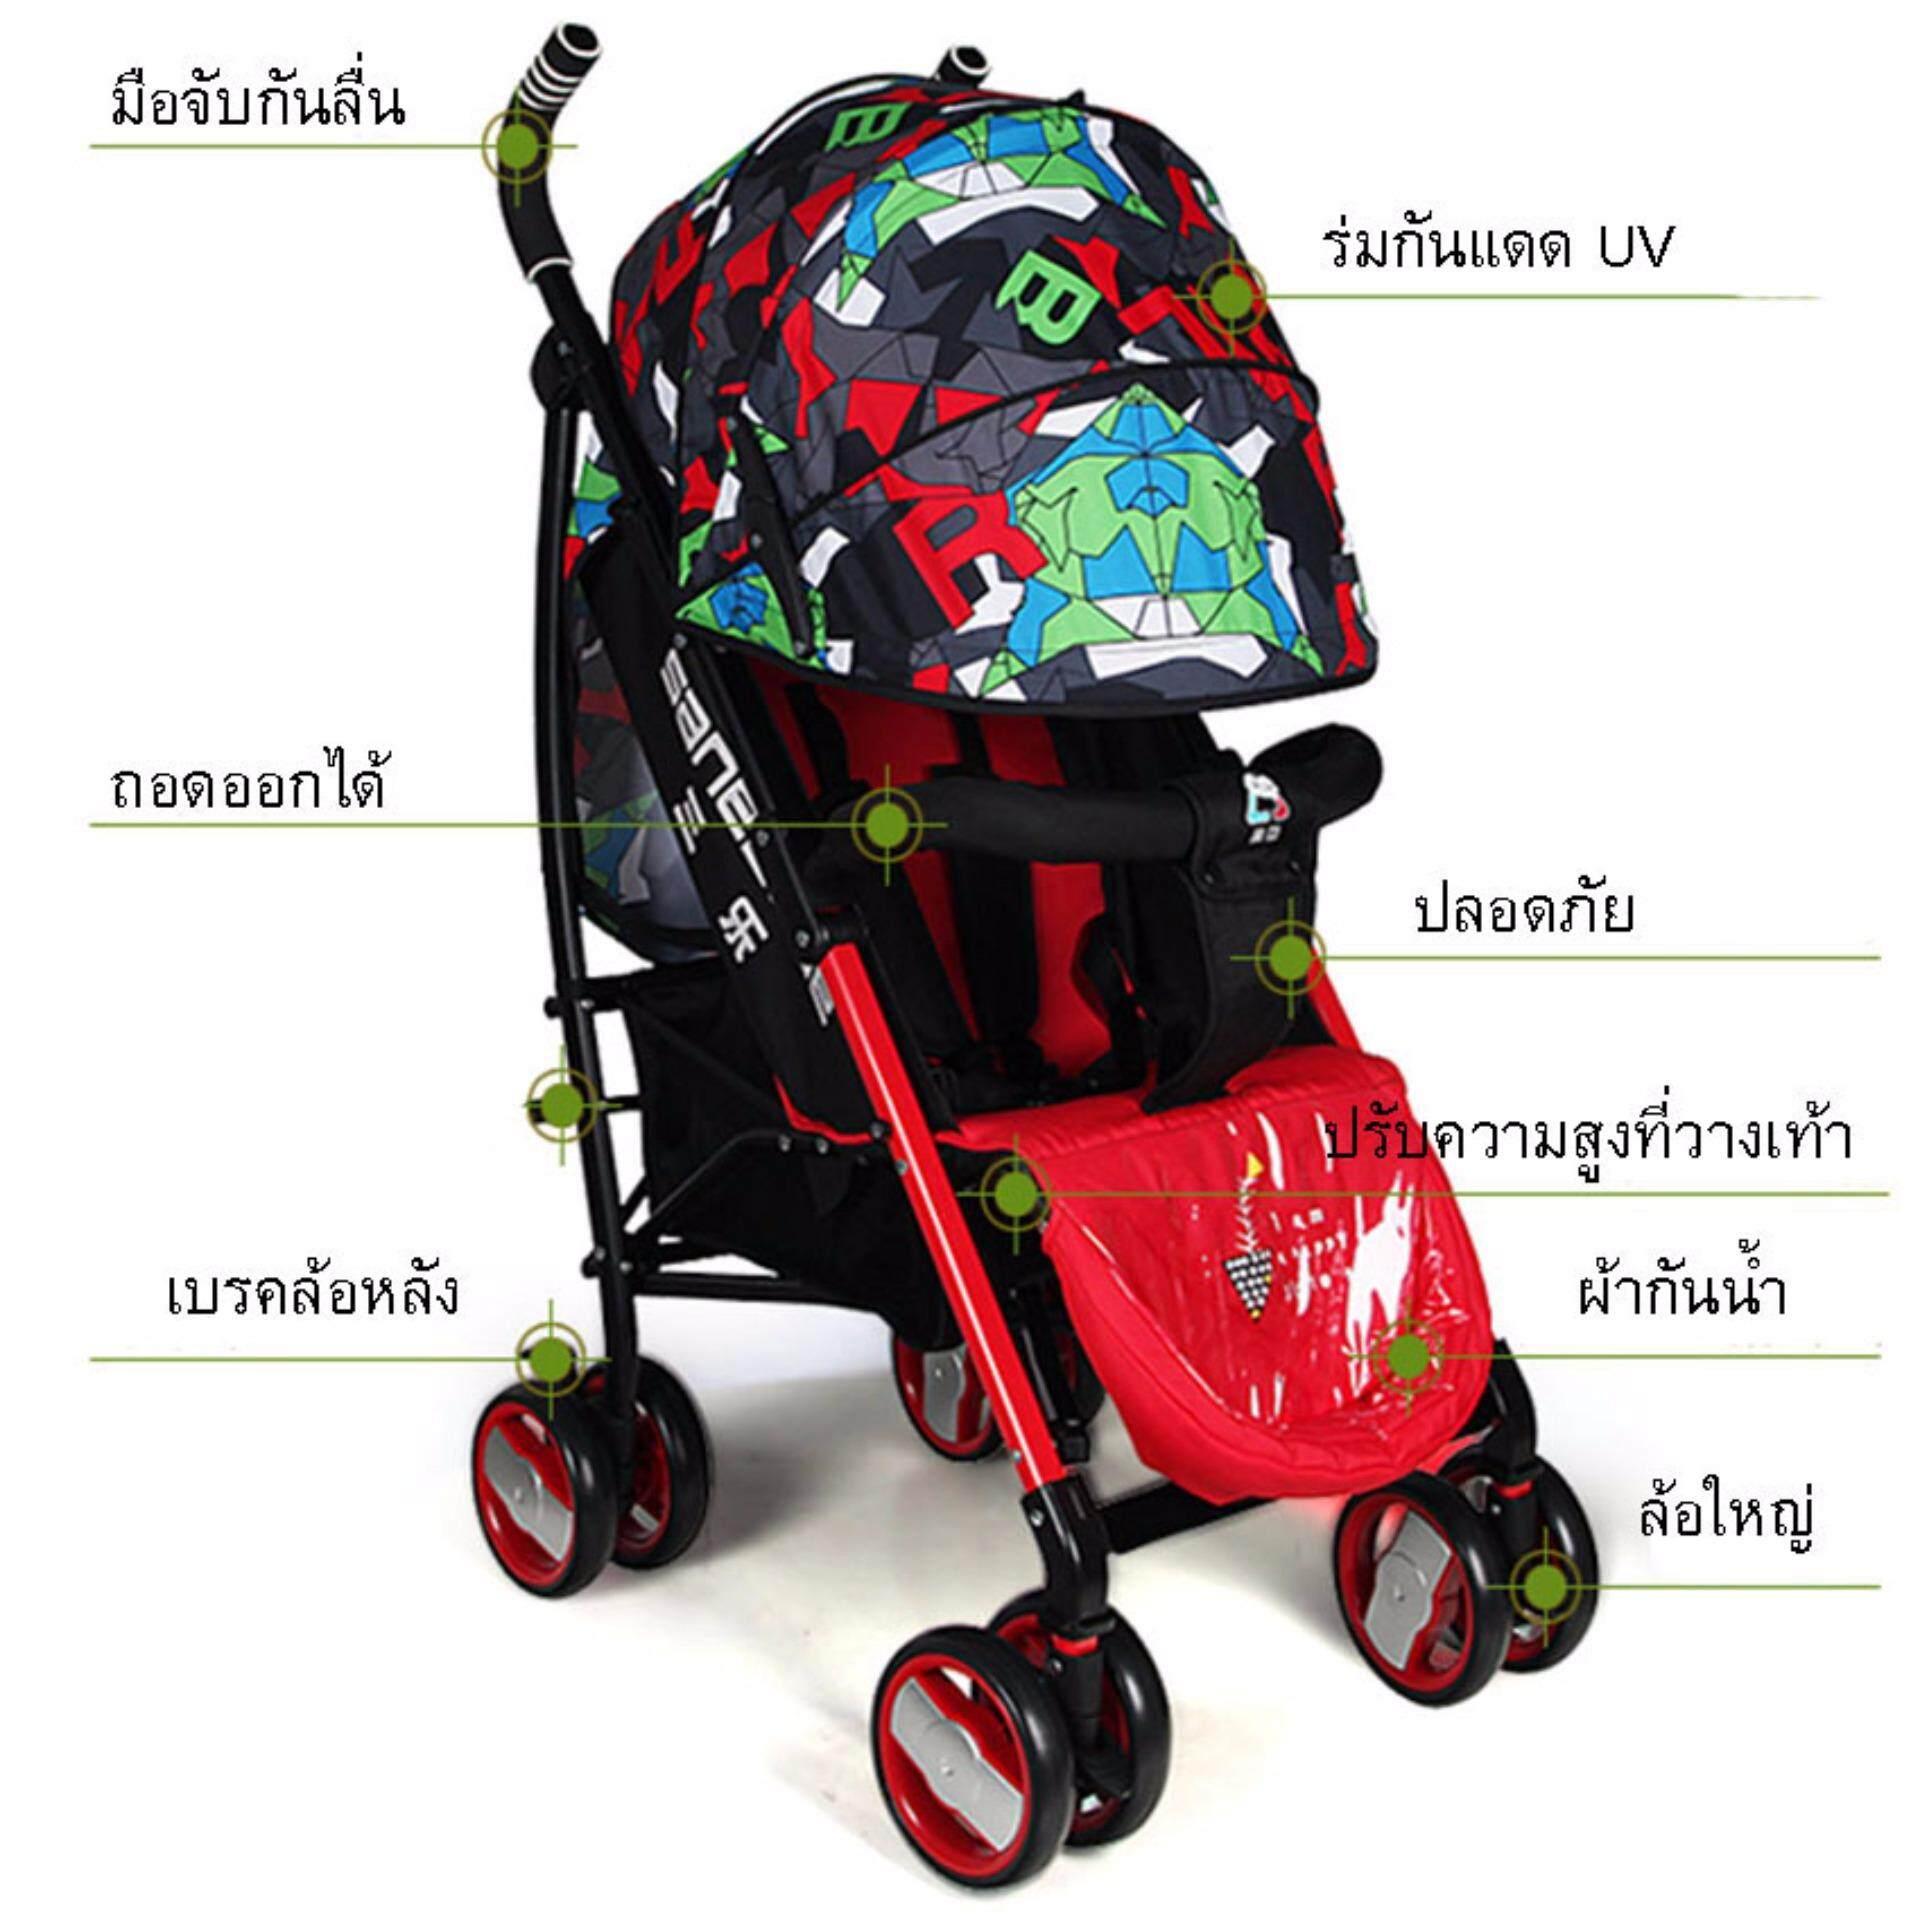 ของแท้ มีของแถม Chicco รถเข็นเด็กแบบนอน Chicco รถเข็นเด็ก Snappy Stroller - Lady Bug (Red) มีคูปองส่วนลด